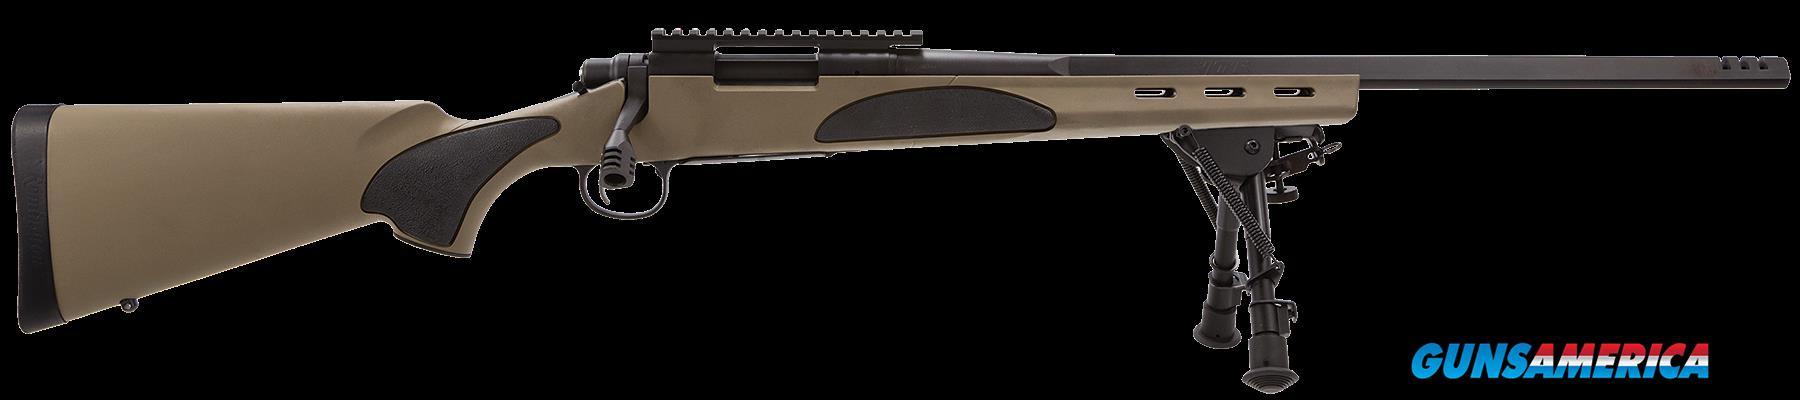 Remington Firearms 700, Rem 84375 700 Vtr Var 260     22   Fde  Guns > Pistols > 1911 Pistol Copies (non-Colt)